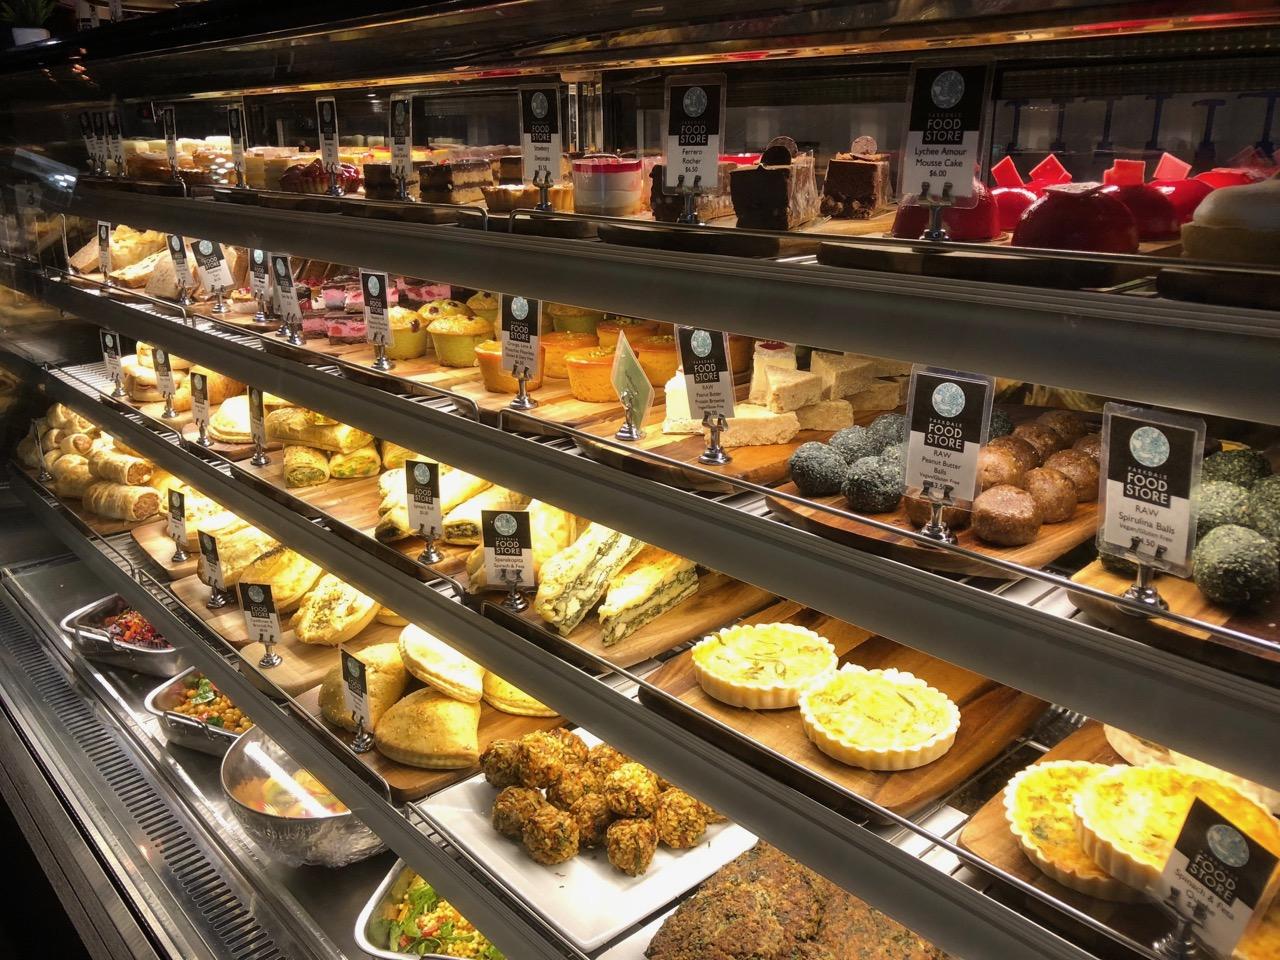 Under Offer - Under Management Bayside Cafe Business For Sale